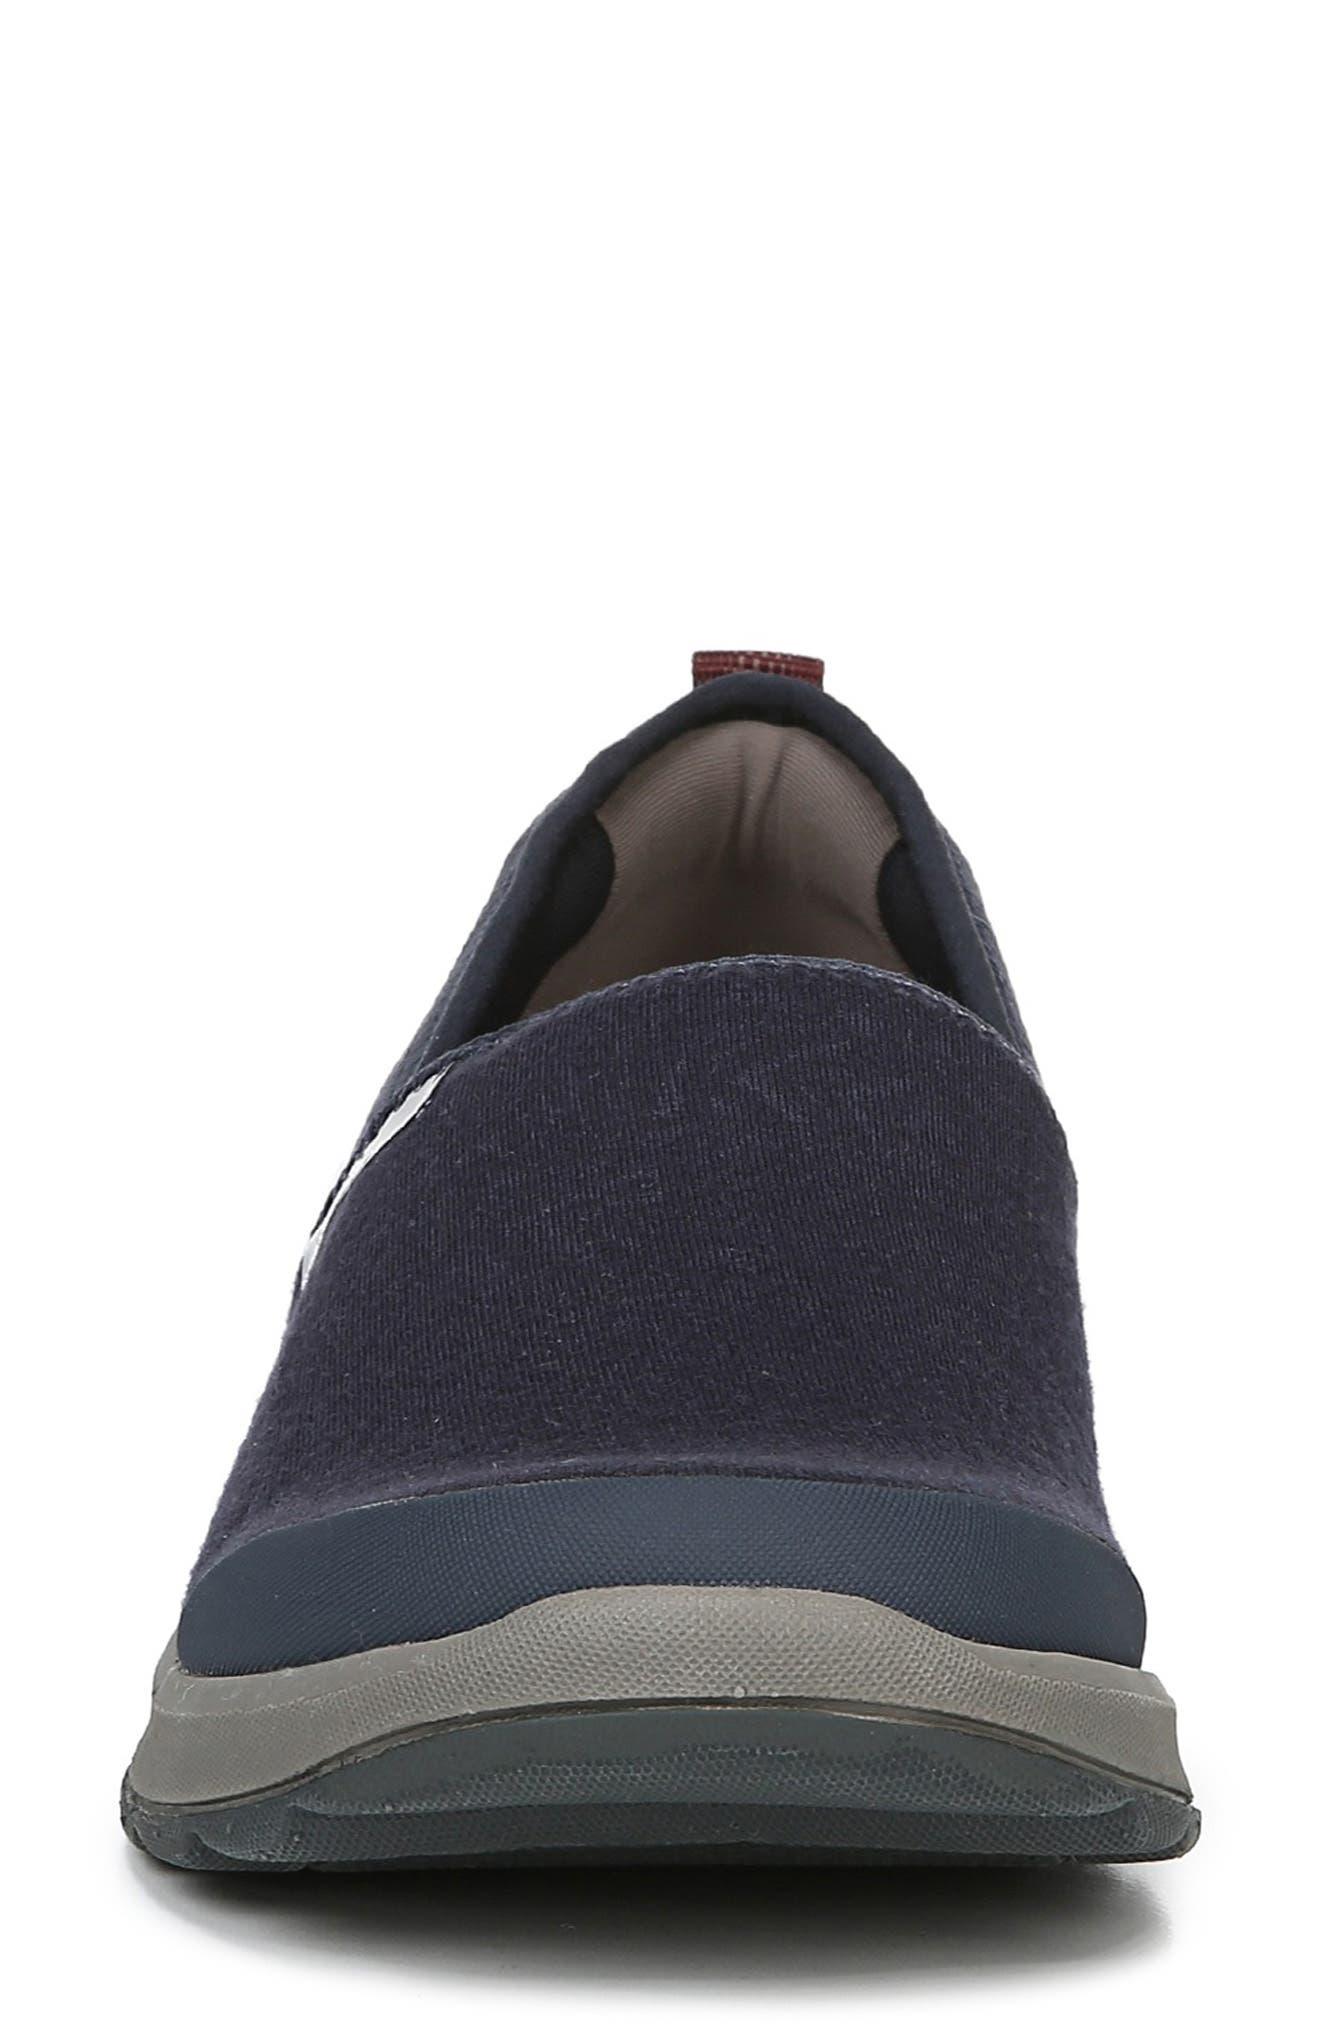 Glee Slip-On Sneaker,                             Alternate thumbnail 4, color,                             NAVY GEO FABRIC